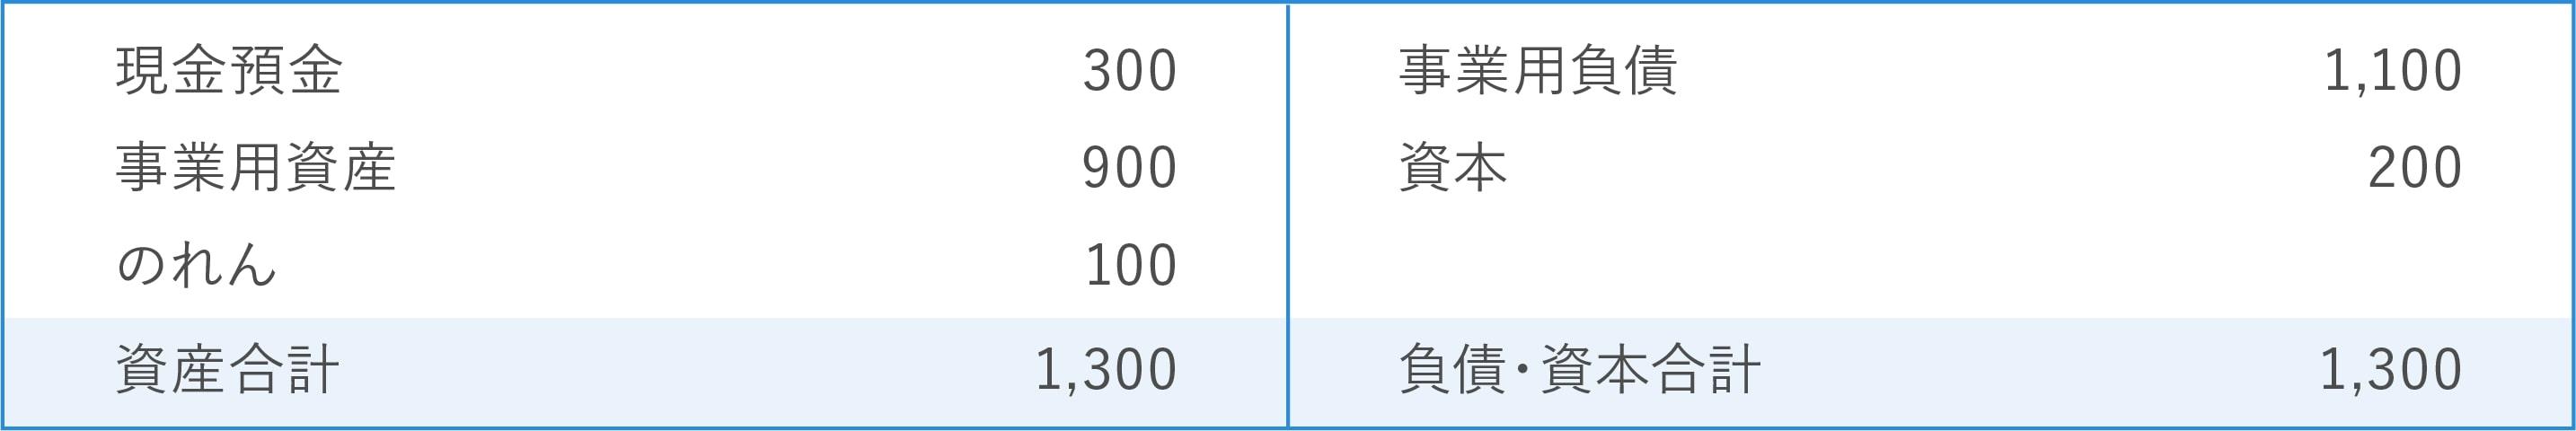 【譲受企業側】連結貸借対照表